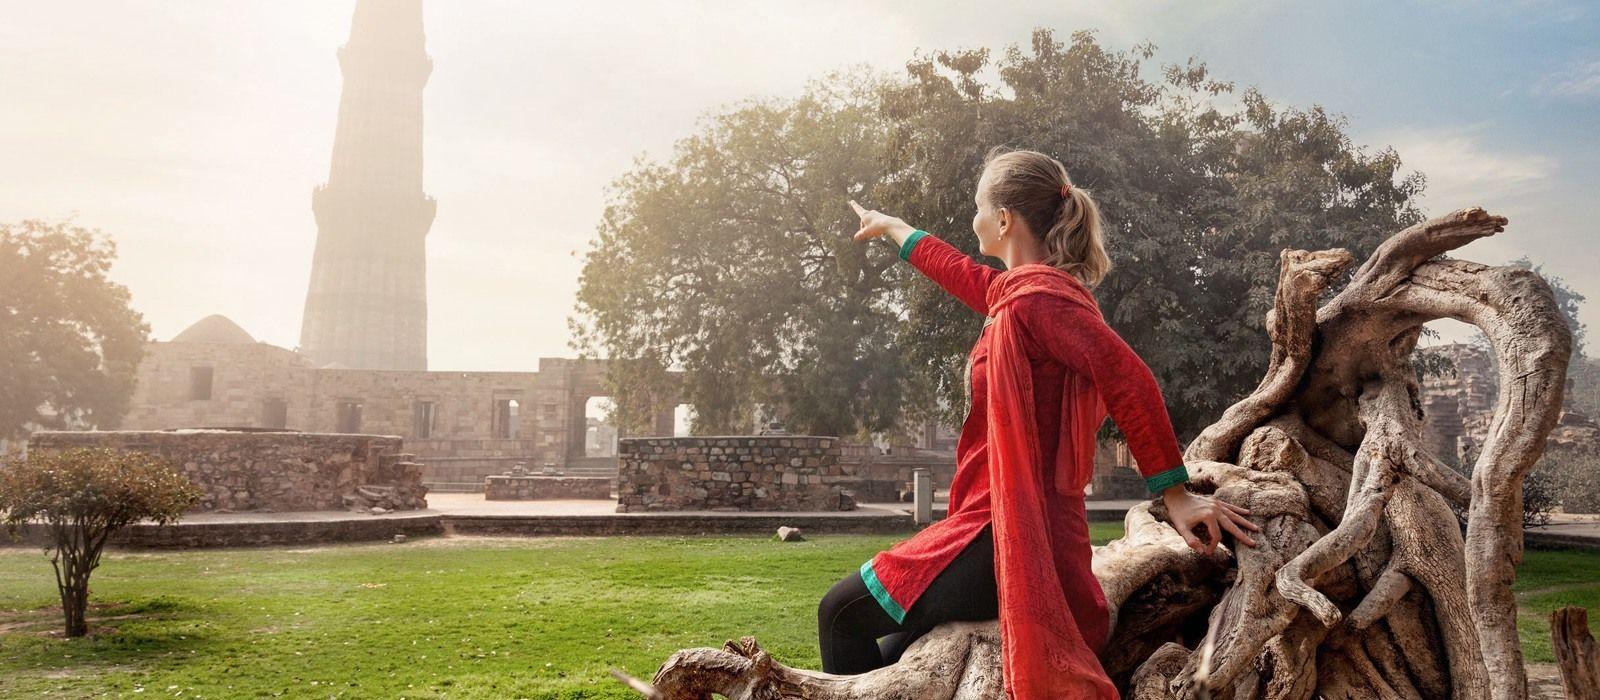 Kulturreise in Nordindien: Juwelen des Nordens Urlaub 6